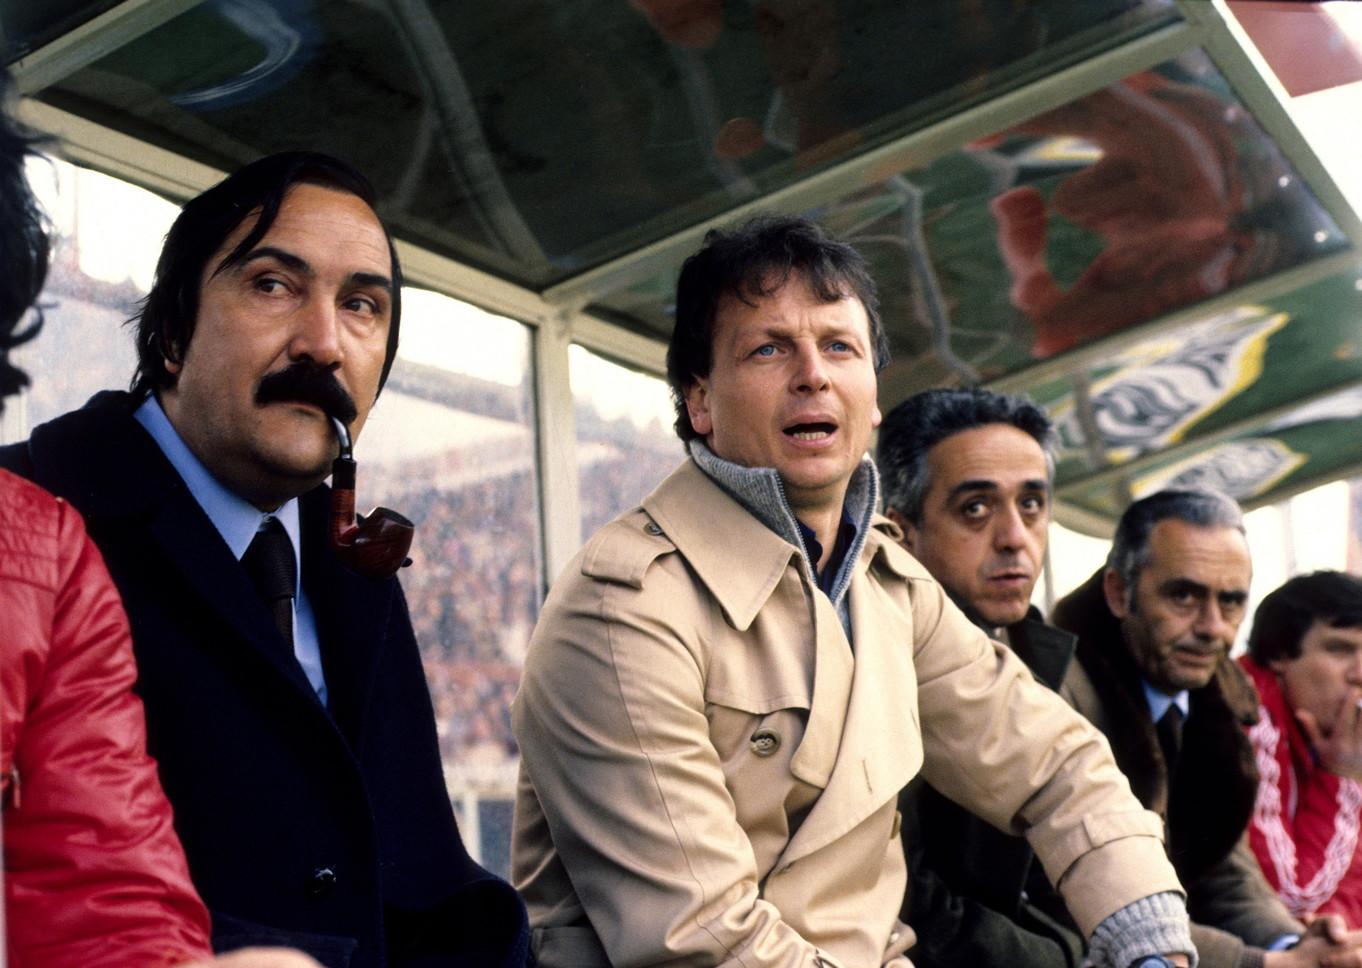 ILARIO CASTAGNER - allena il Milan in serie B. Accusato poi di tradimento per essersi già accordato con i cugini, passa sulla panchina dell'Inter nel 1984/1985